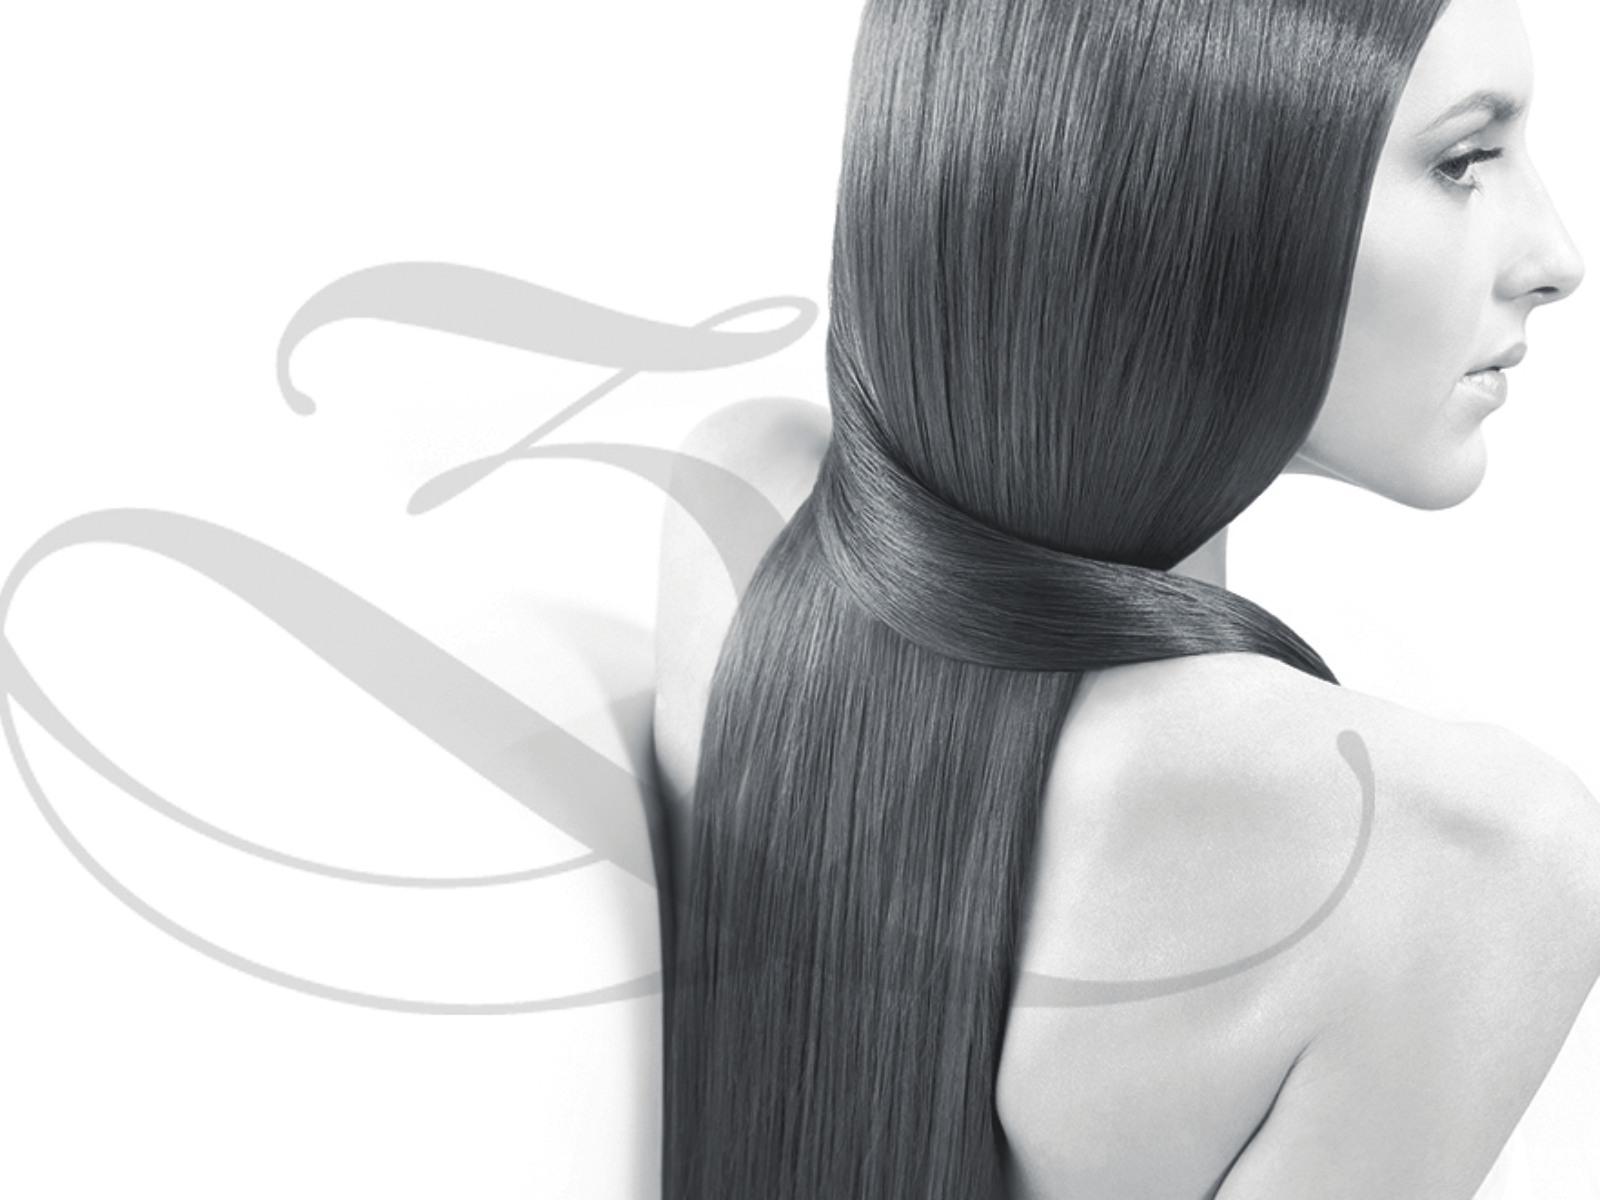 Экранирование волос: что это, средства, технология выполнения, уход